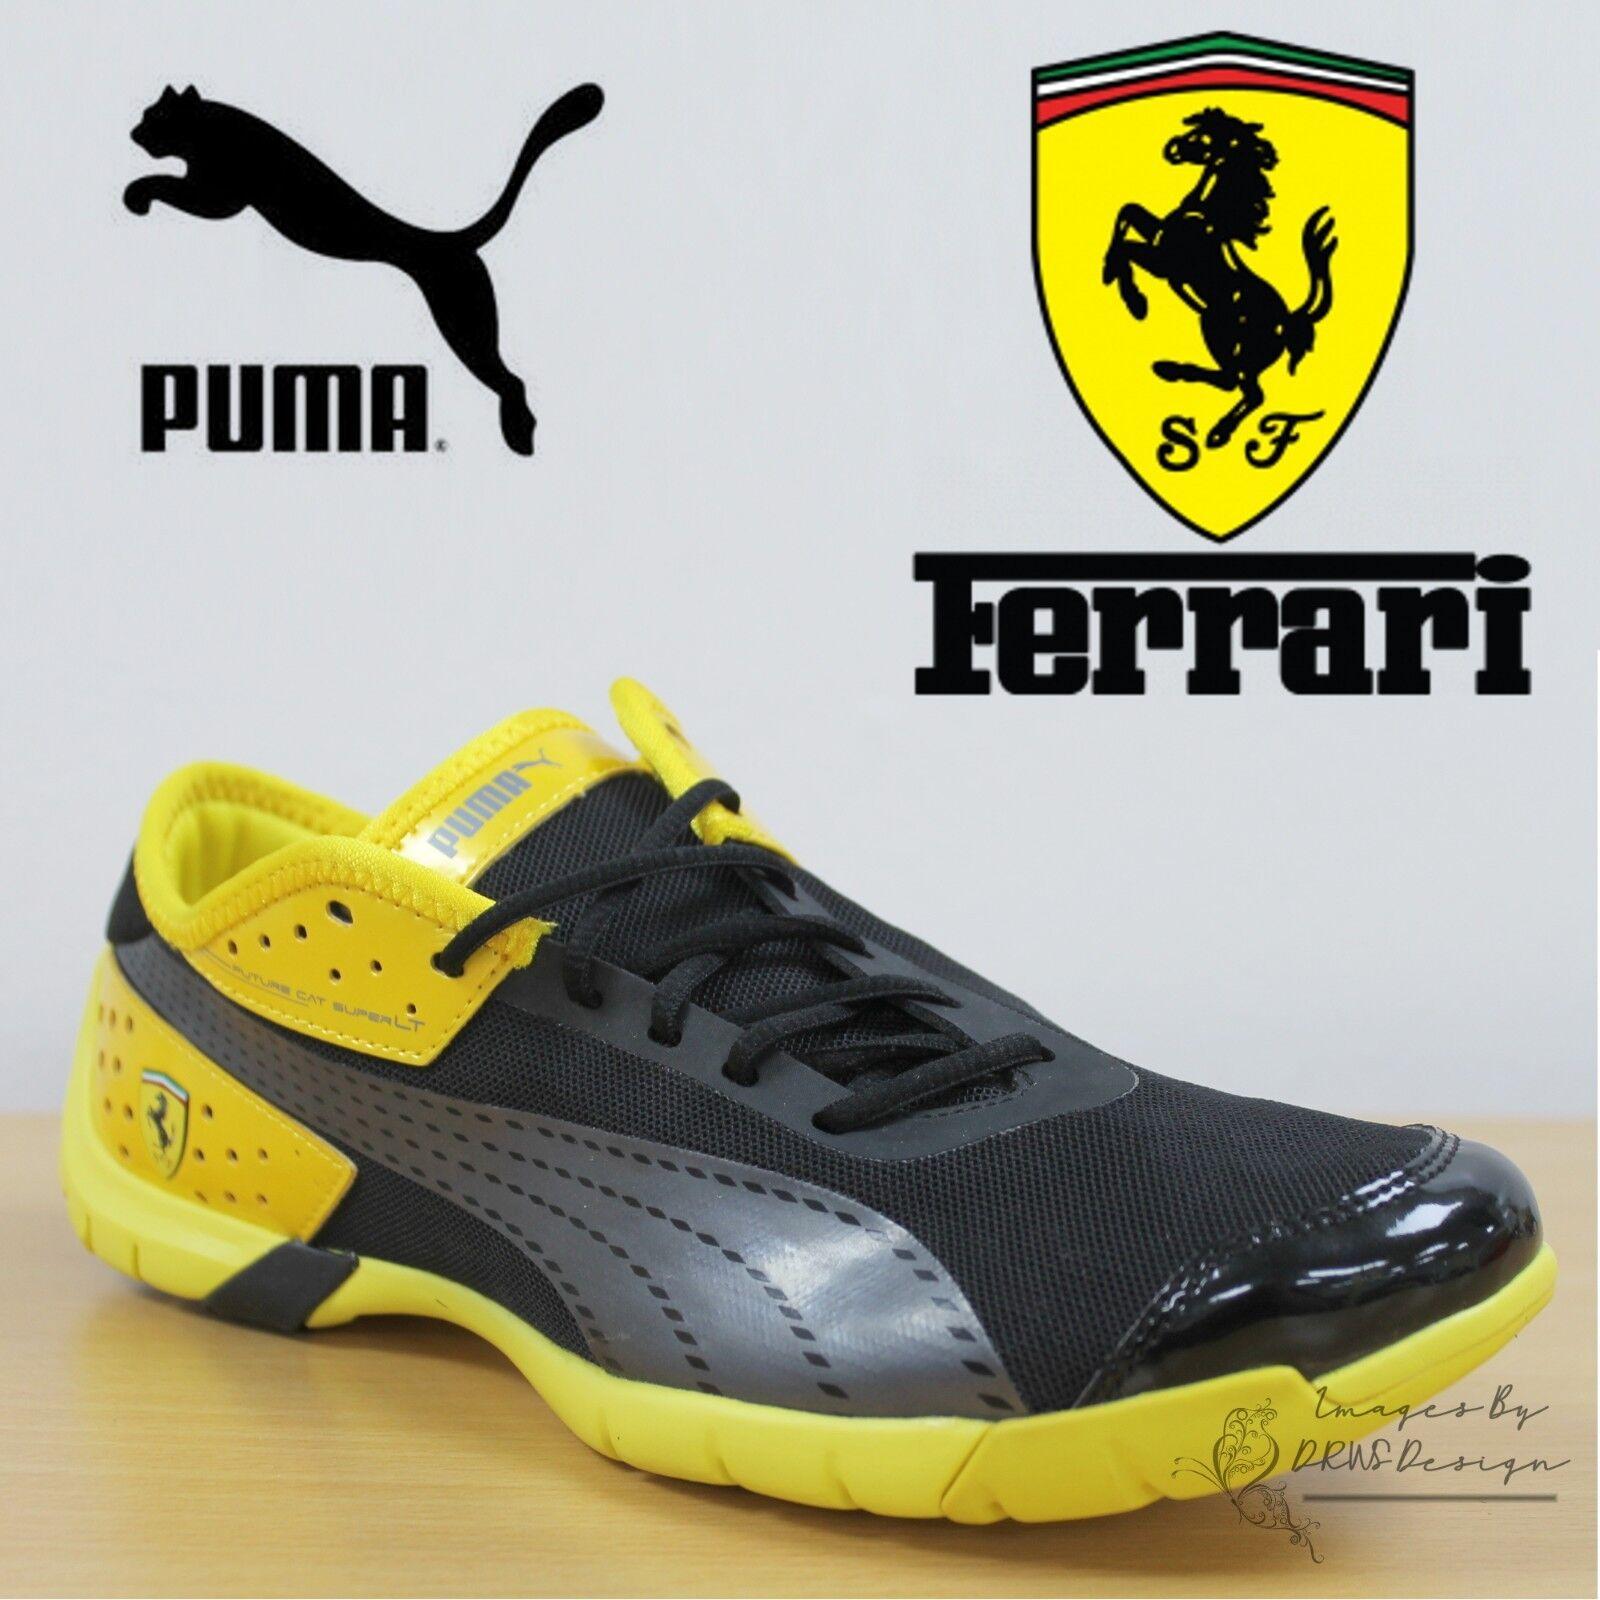 c5831a57de7307 PUMA Unisex Trainers Future Cat Super LT Scuderia Ferrari F1 Sneakers  304427 02